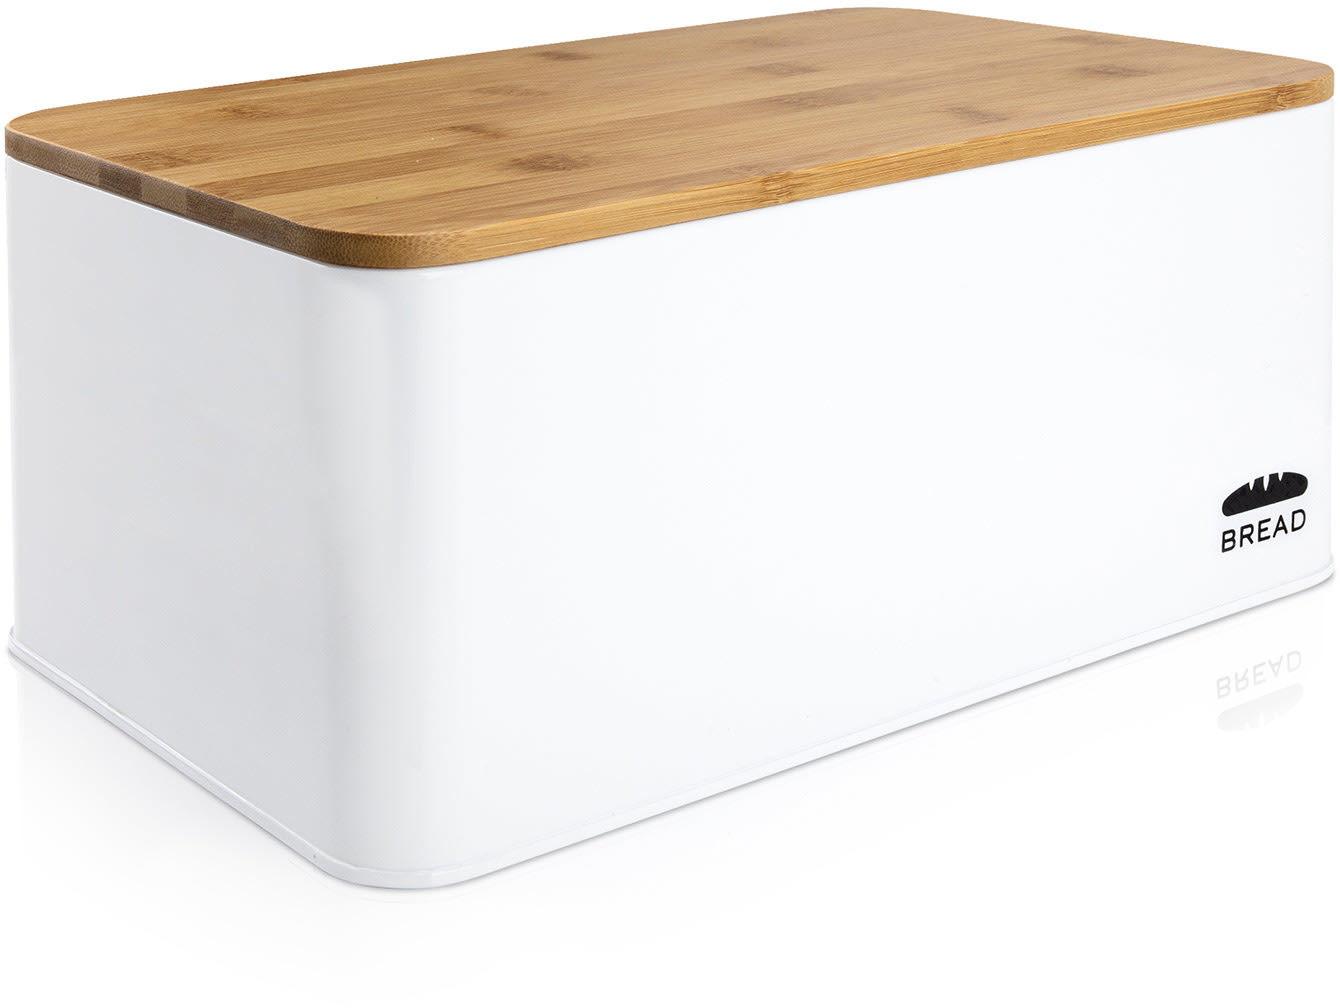 Klarstein Oklahoma, pojemnik na chleb, metal, 35,5 x 15,5 x 23 cm, bambusowa pokrywka, deska do krojeniaa